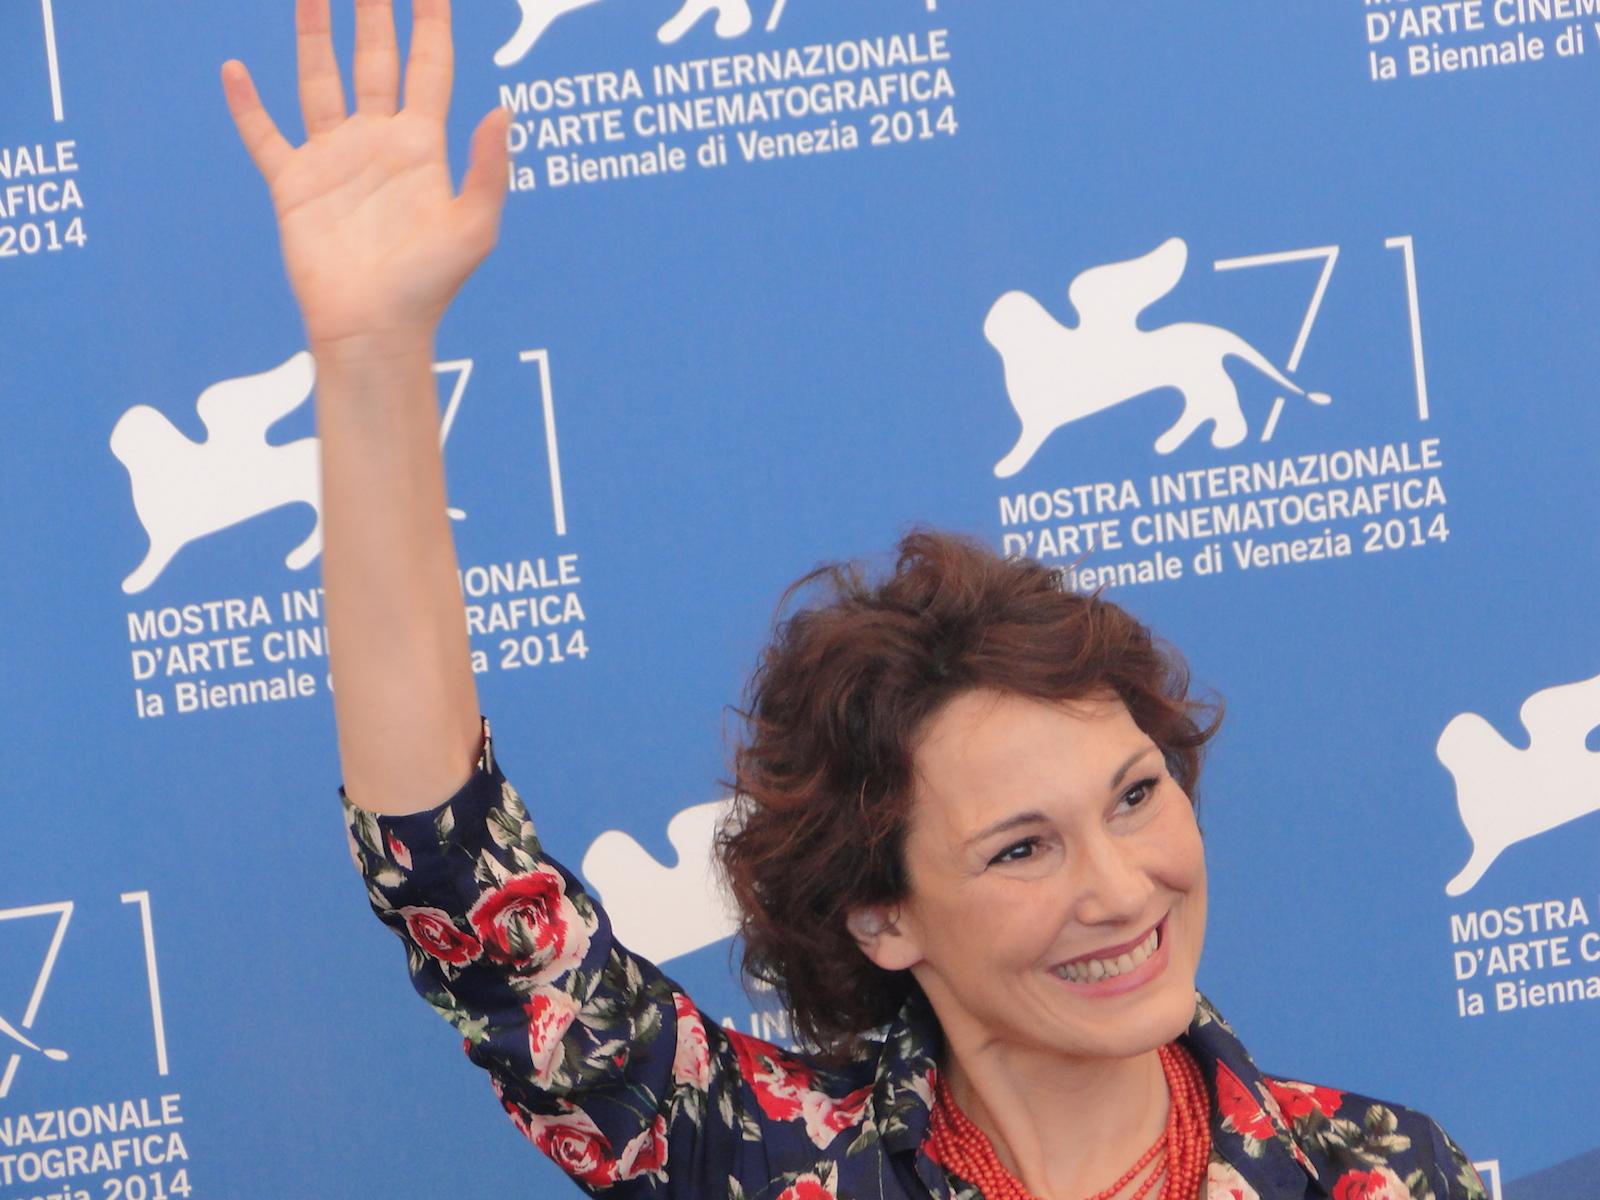 Venezia 2014: Anna Ferruzzo posa per i fotografi al photocall di Anime nere